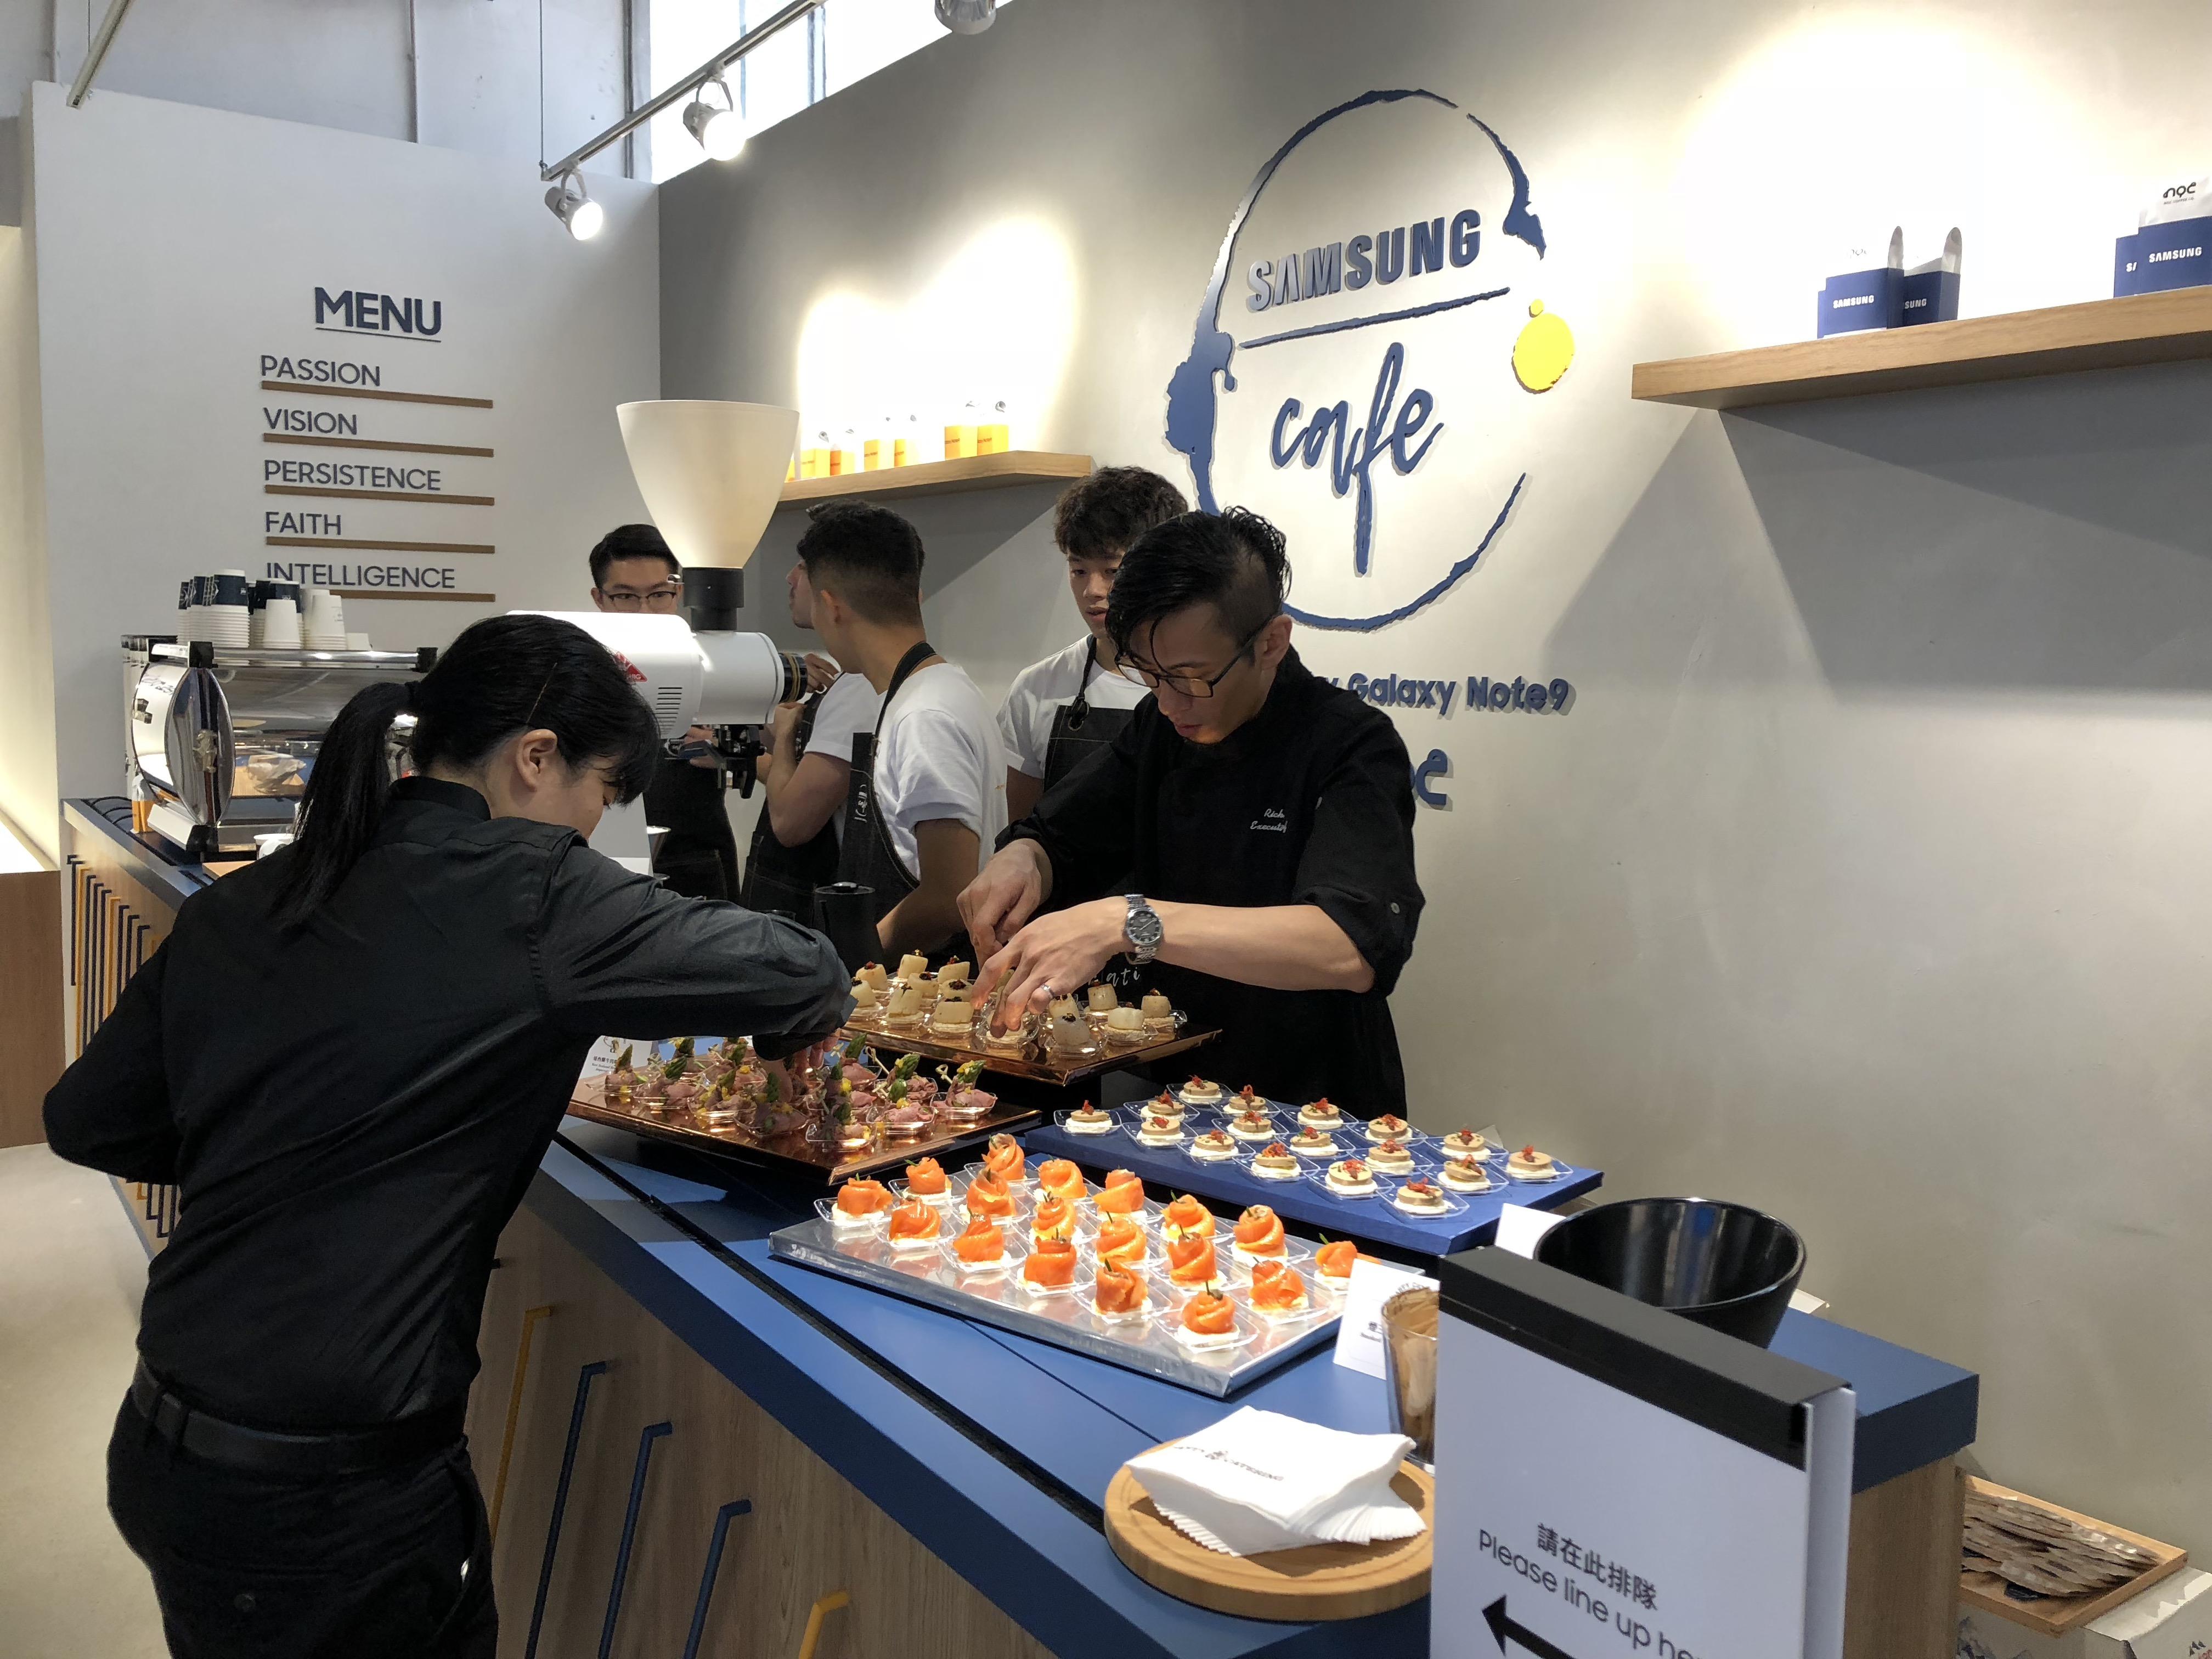 到會 - 產品發報會到會 - 酒會到會- 美食到會 - 小點到會- 商務到會 - 茶會到會 Press Launch Catering - Catering Service - HK Catering